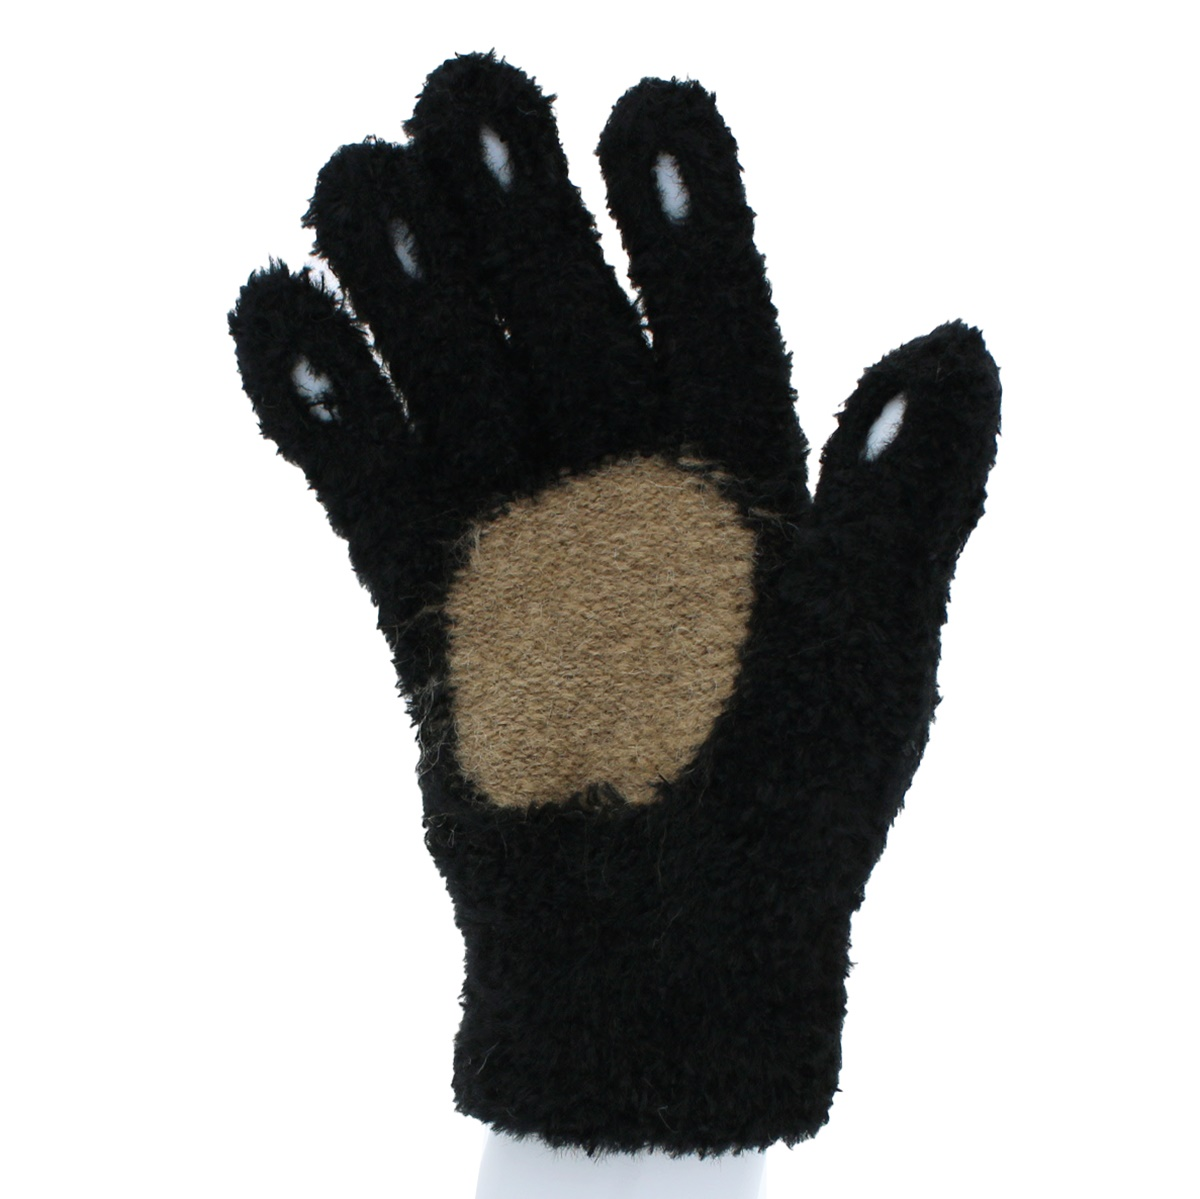 【スマホ対応】YUBIDERU ユビデル  レディース ニット手袋 指先が出る スマホ 指紋認証対応 スマホ手袋 あったか ふわもこ ボア手袋 五本指 日本製 キツネ柄